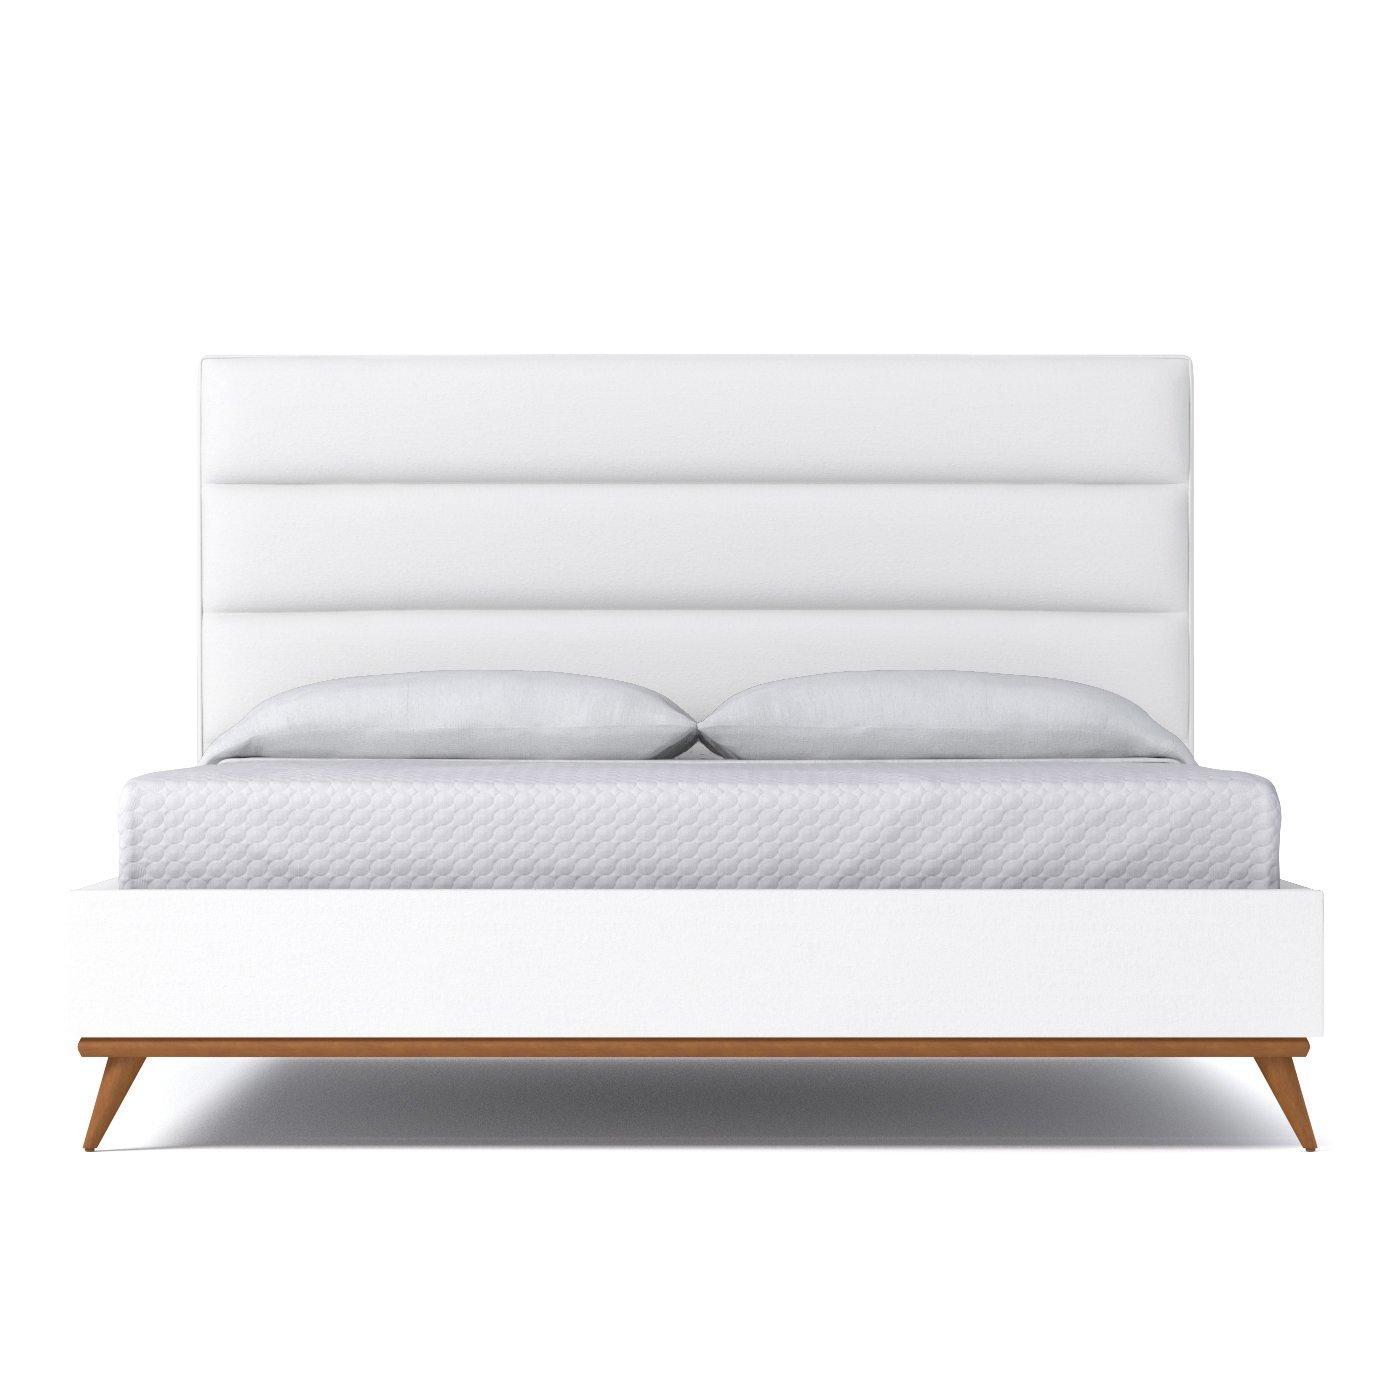 cooper_bed_white.jpg